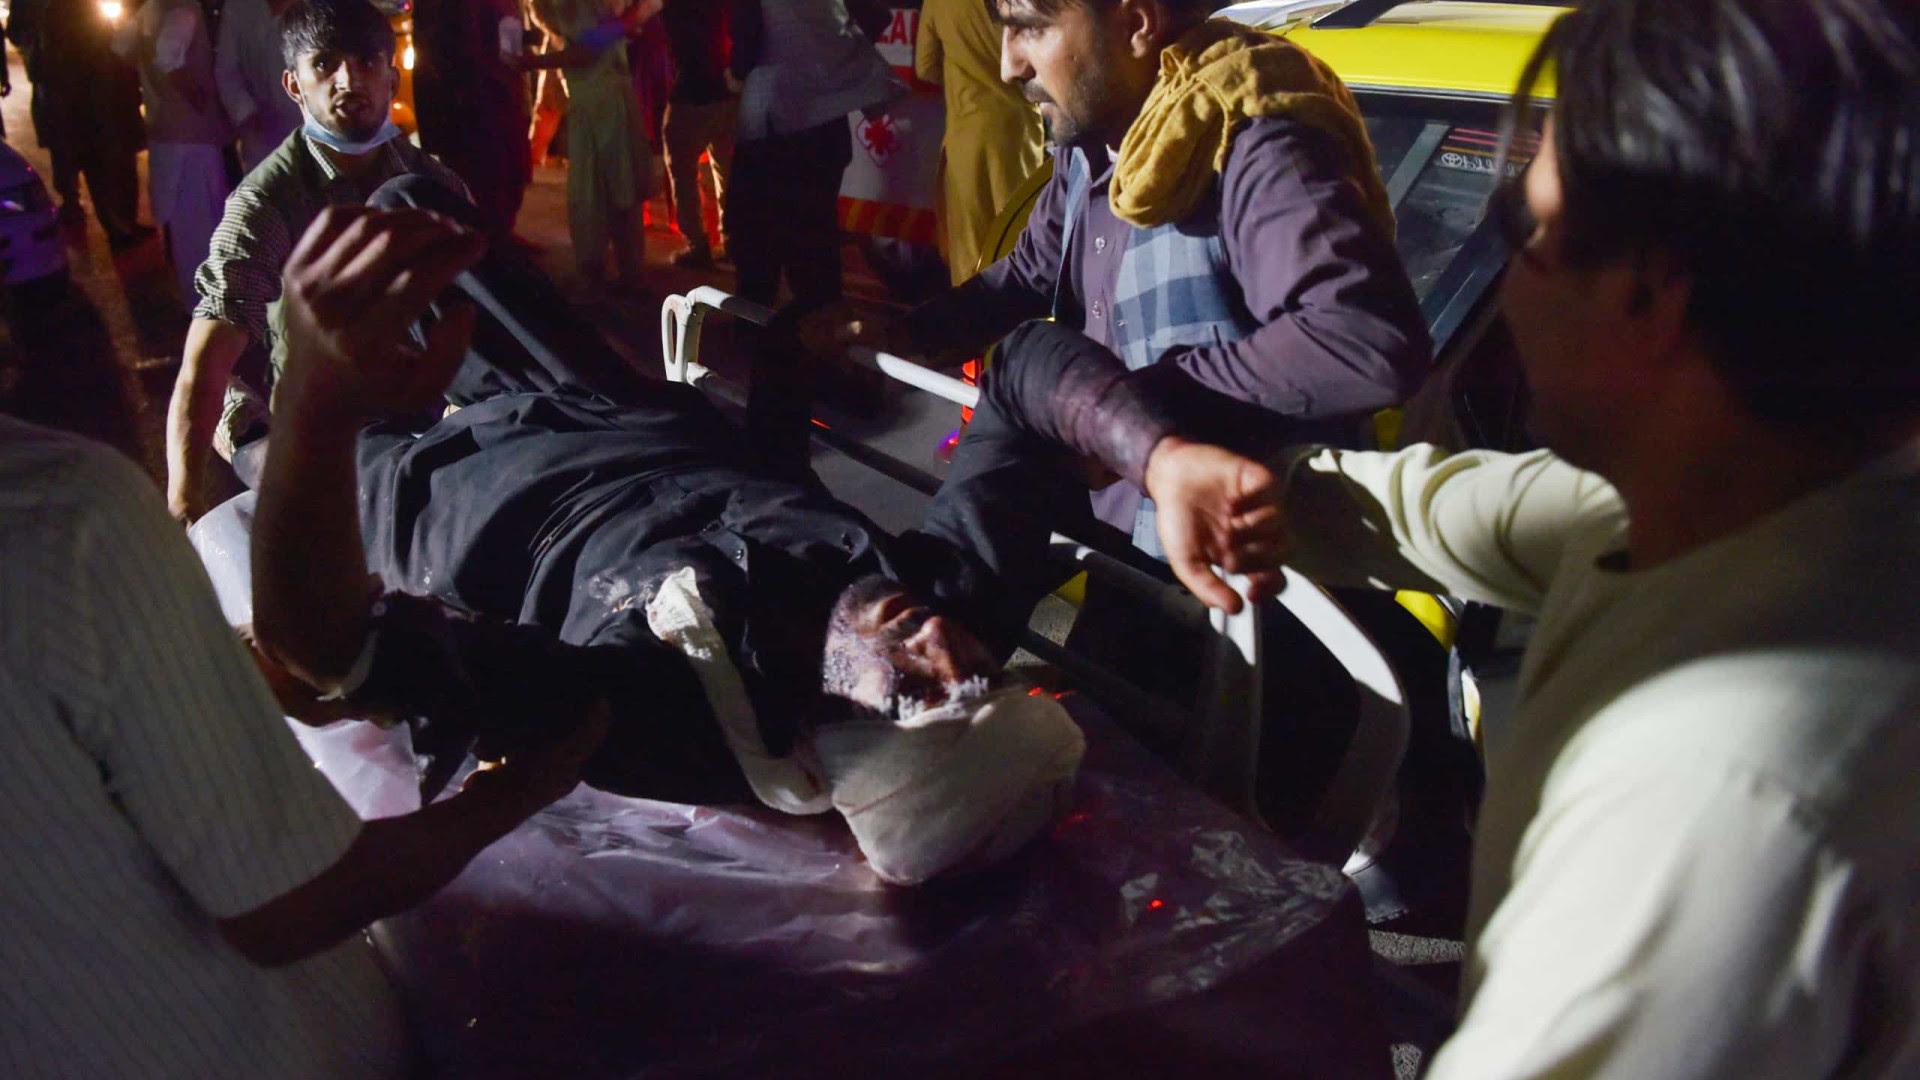 Afeganistão: Pentágono confirma duas explosões e 13 mortes em Cabul